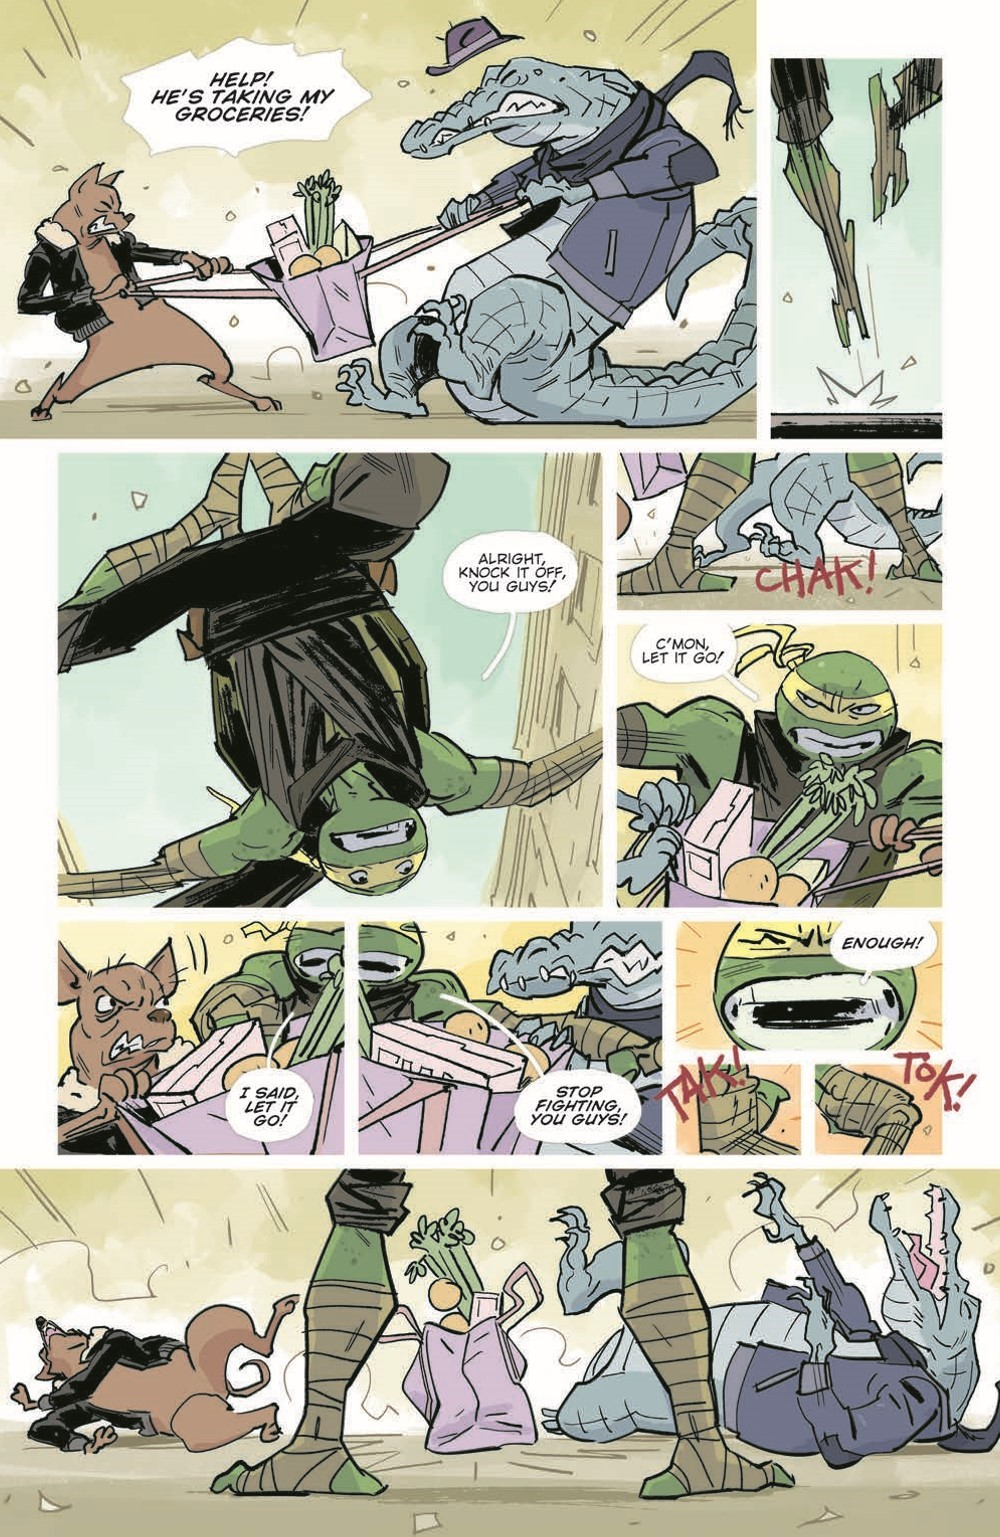 TMNT-Jennika02_pr-6 ComicList Previews: TEENAGE MUTANT NINJA TURTLES JENNIKA II TP